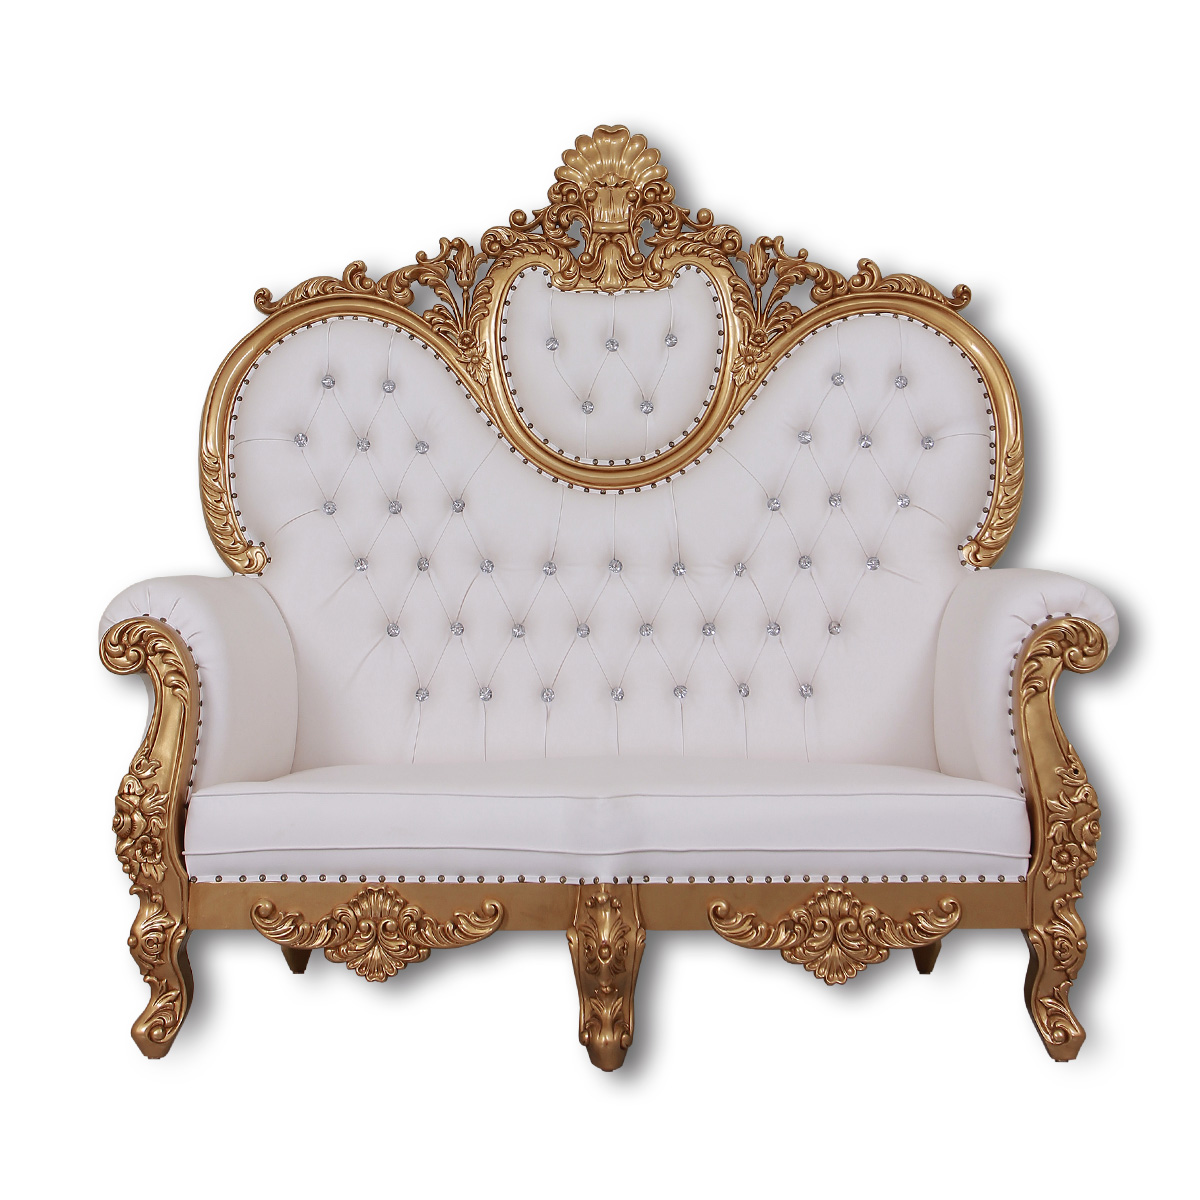 Full Size of Barock Sofa King Chair Luxus Mit Strasssteinen Jb Lashes Türkis U Form Xxl Landhaus 2 Sitzer Relaxfunktion Recamiere Englisch Bettkasten 3 Big Kolonialstil Sofa Sofa Barock